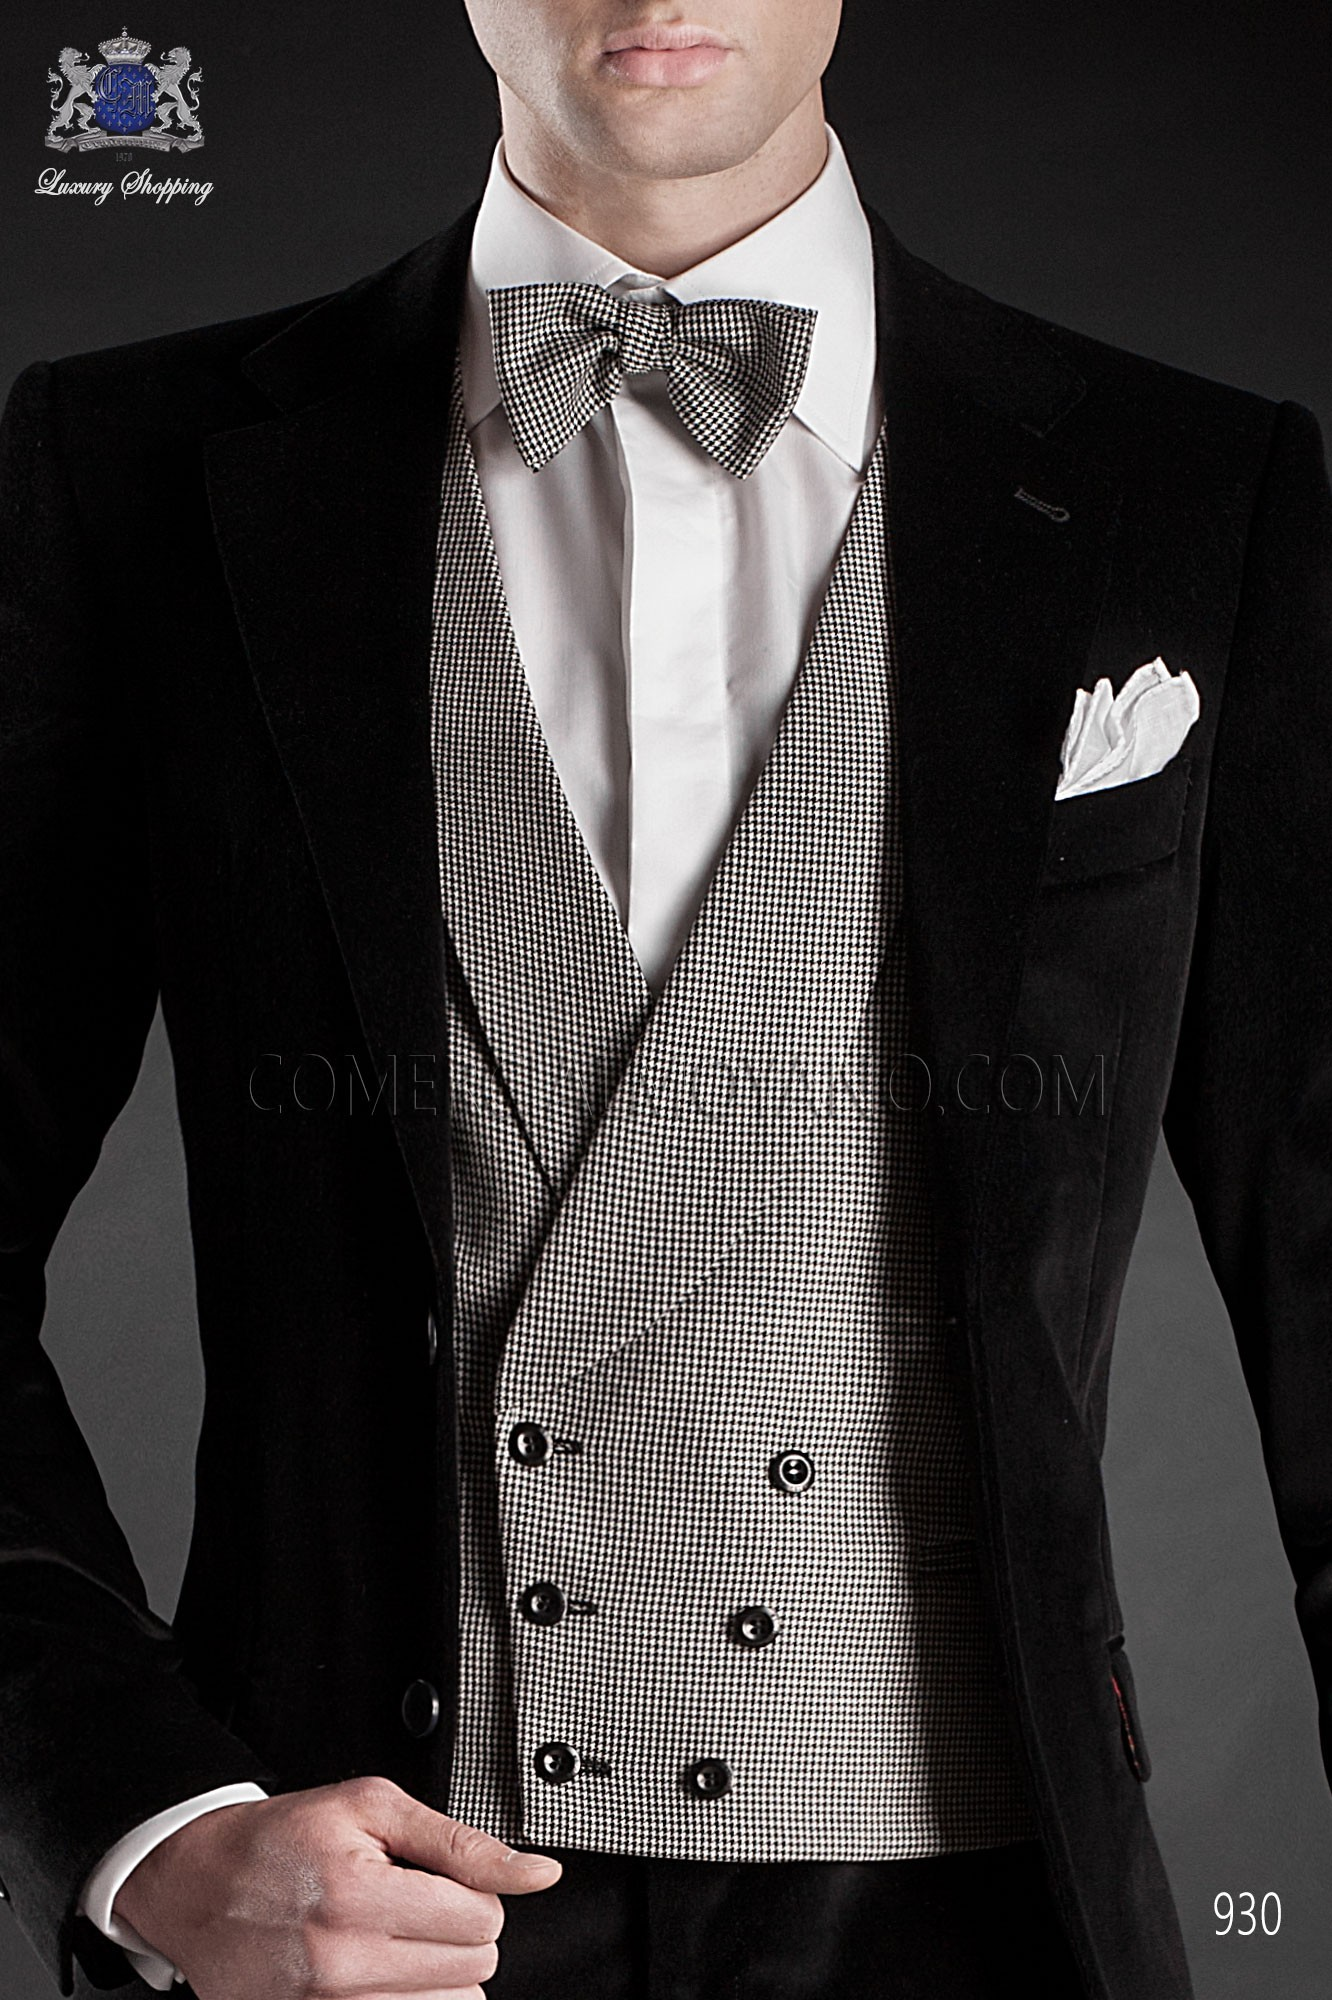 Italian blacktie black men wedding suit, model: 930 Ottavio Nuccio Gala Black Tie Collection